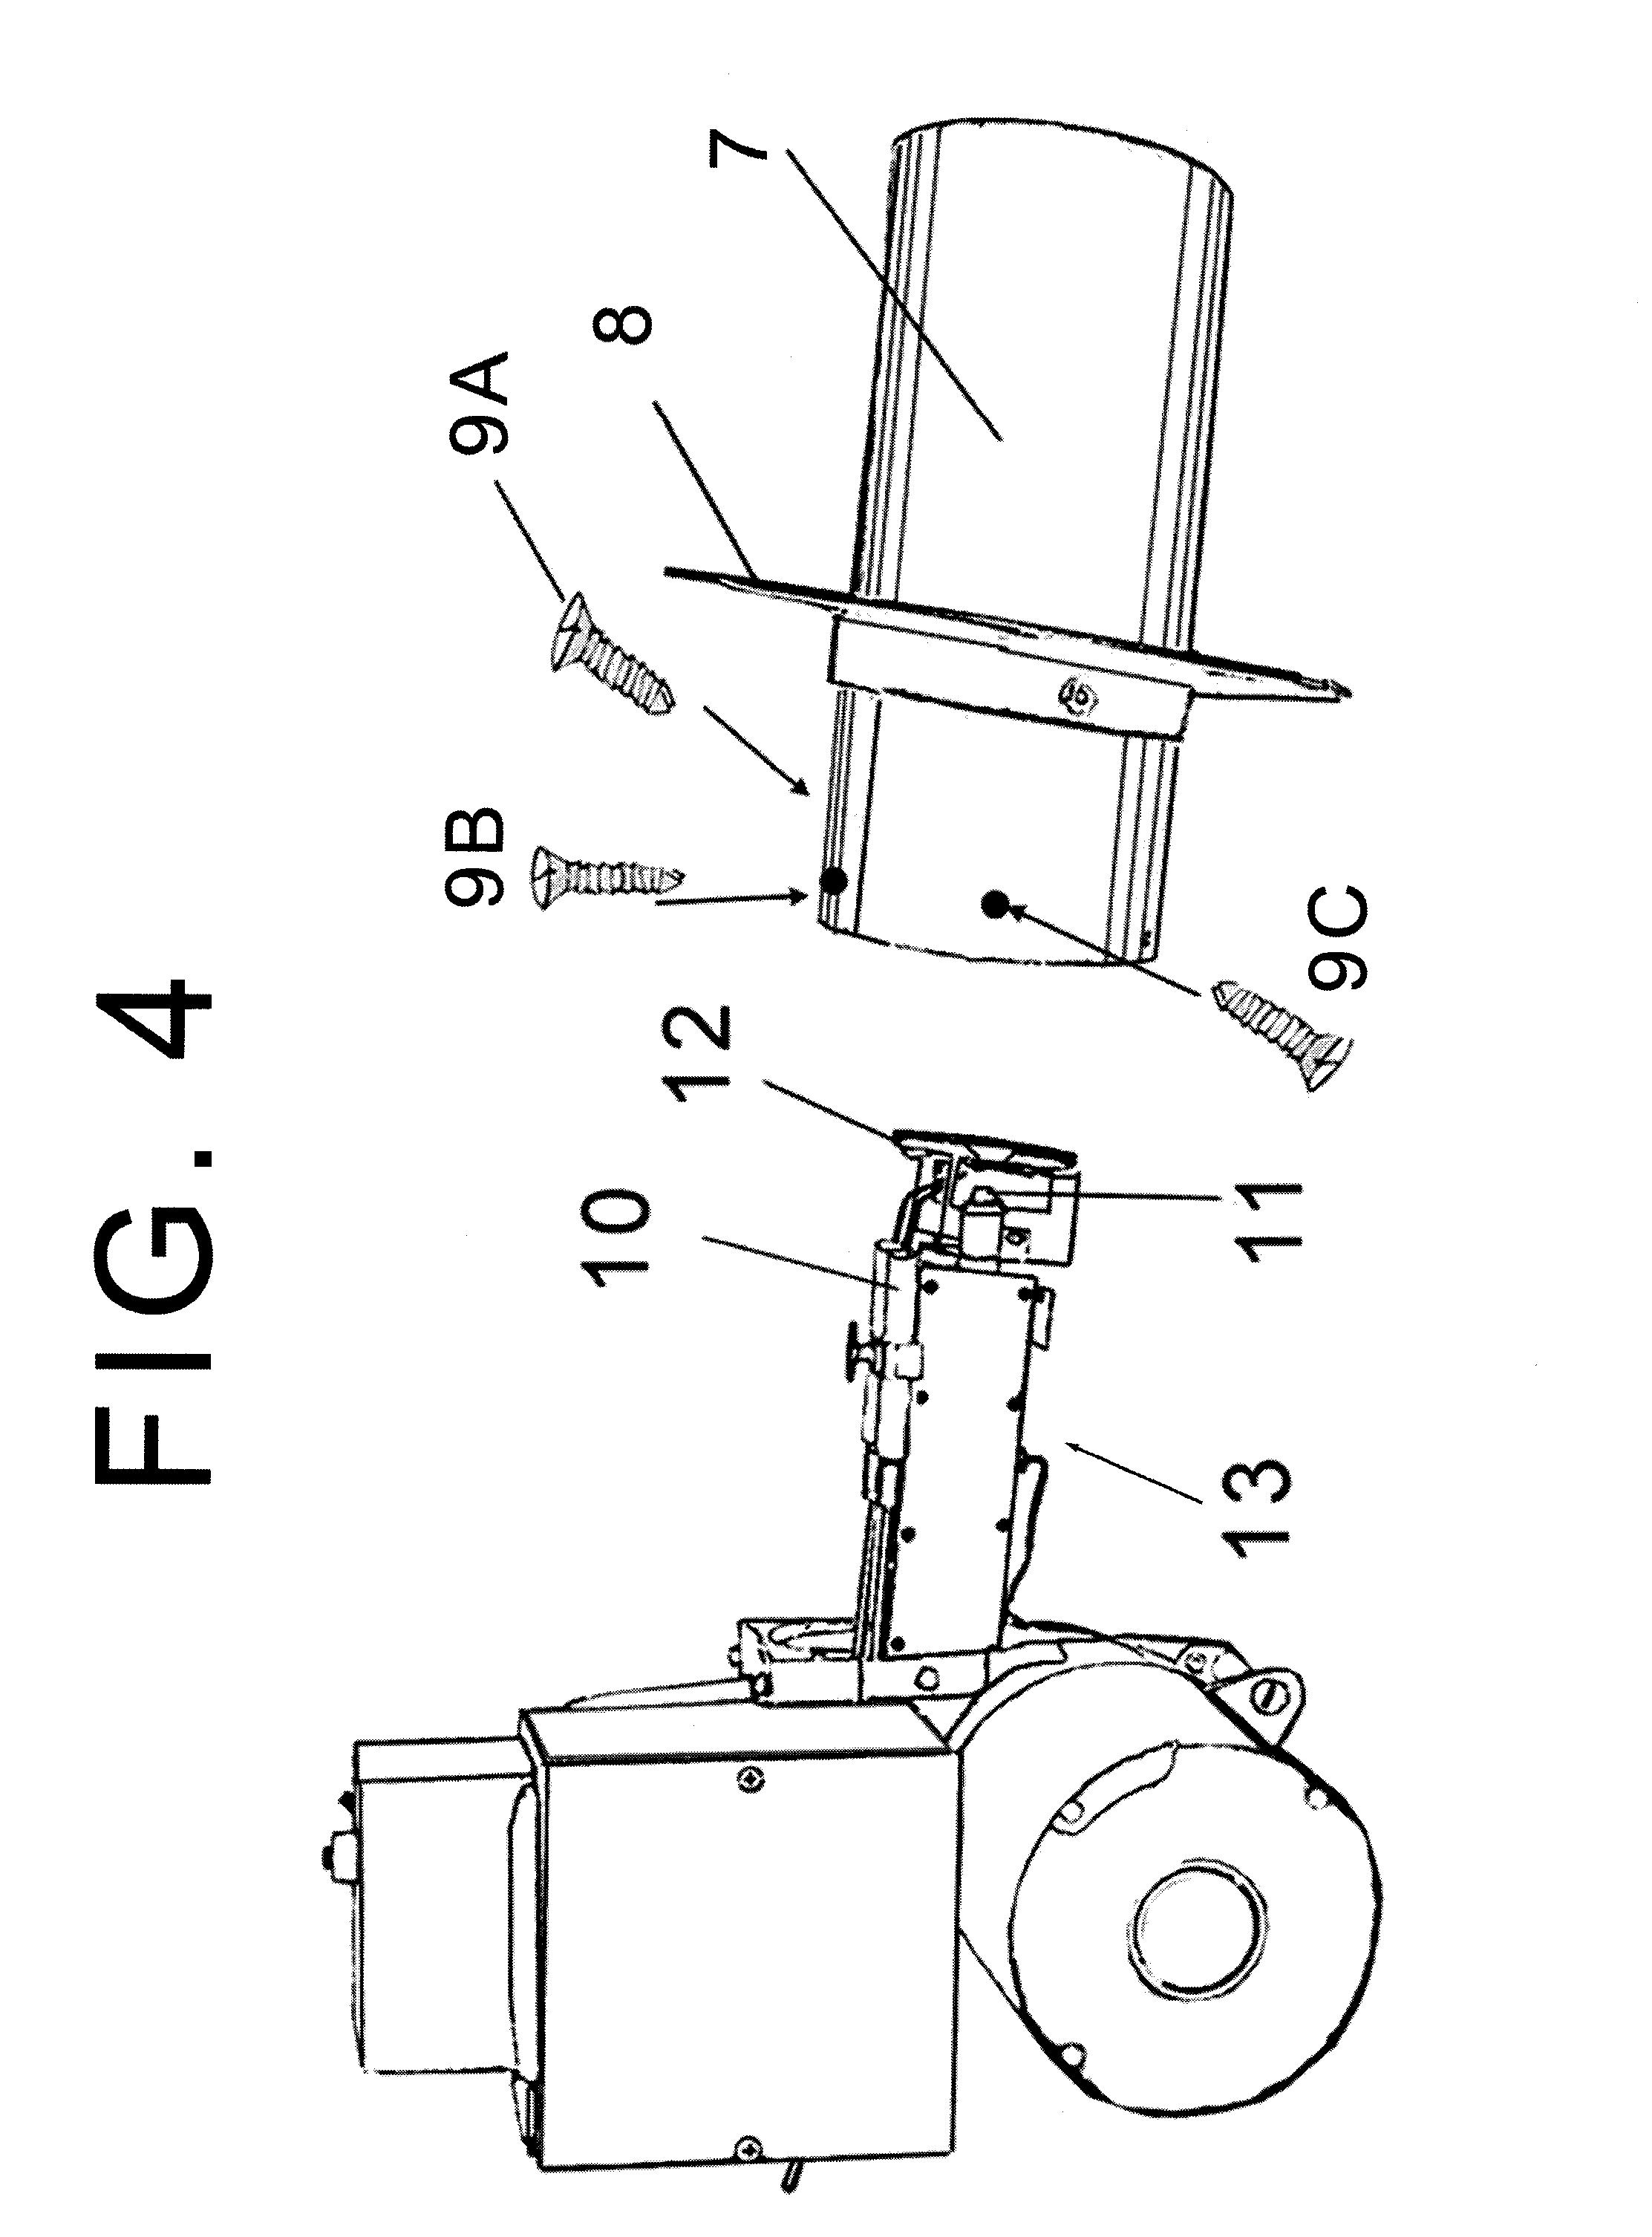 patent us20130206046